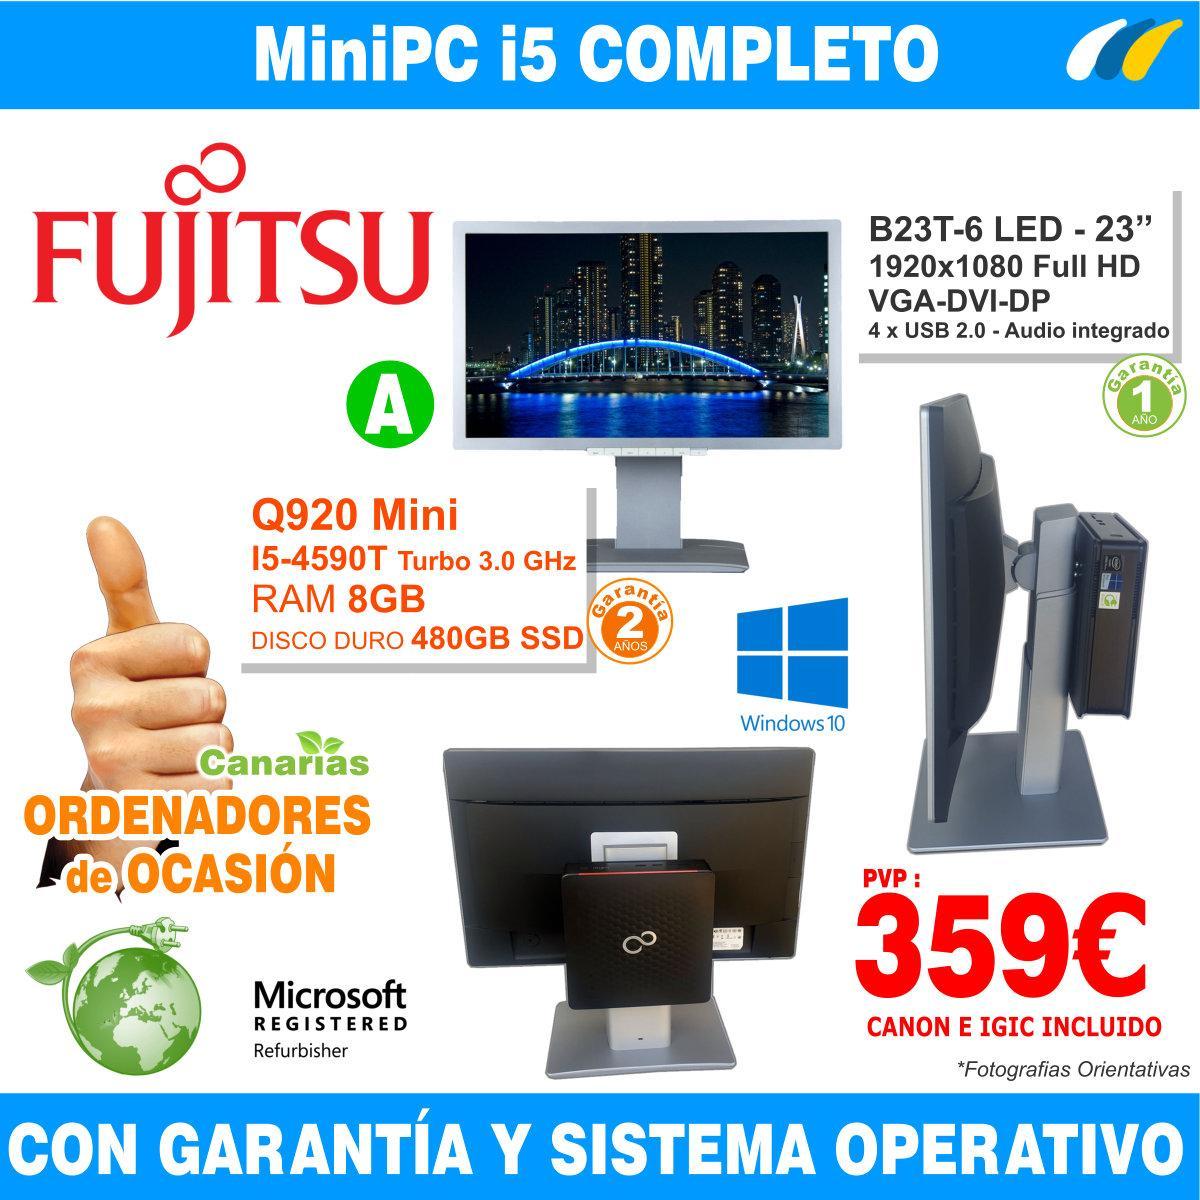 Fujitsu Esprimo Q920 Mini PC - Monitor B23T-6 LED